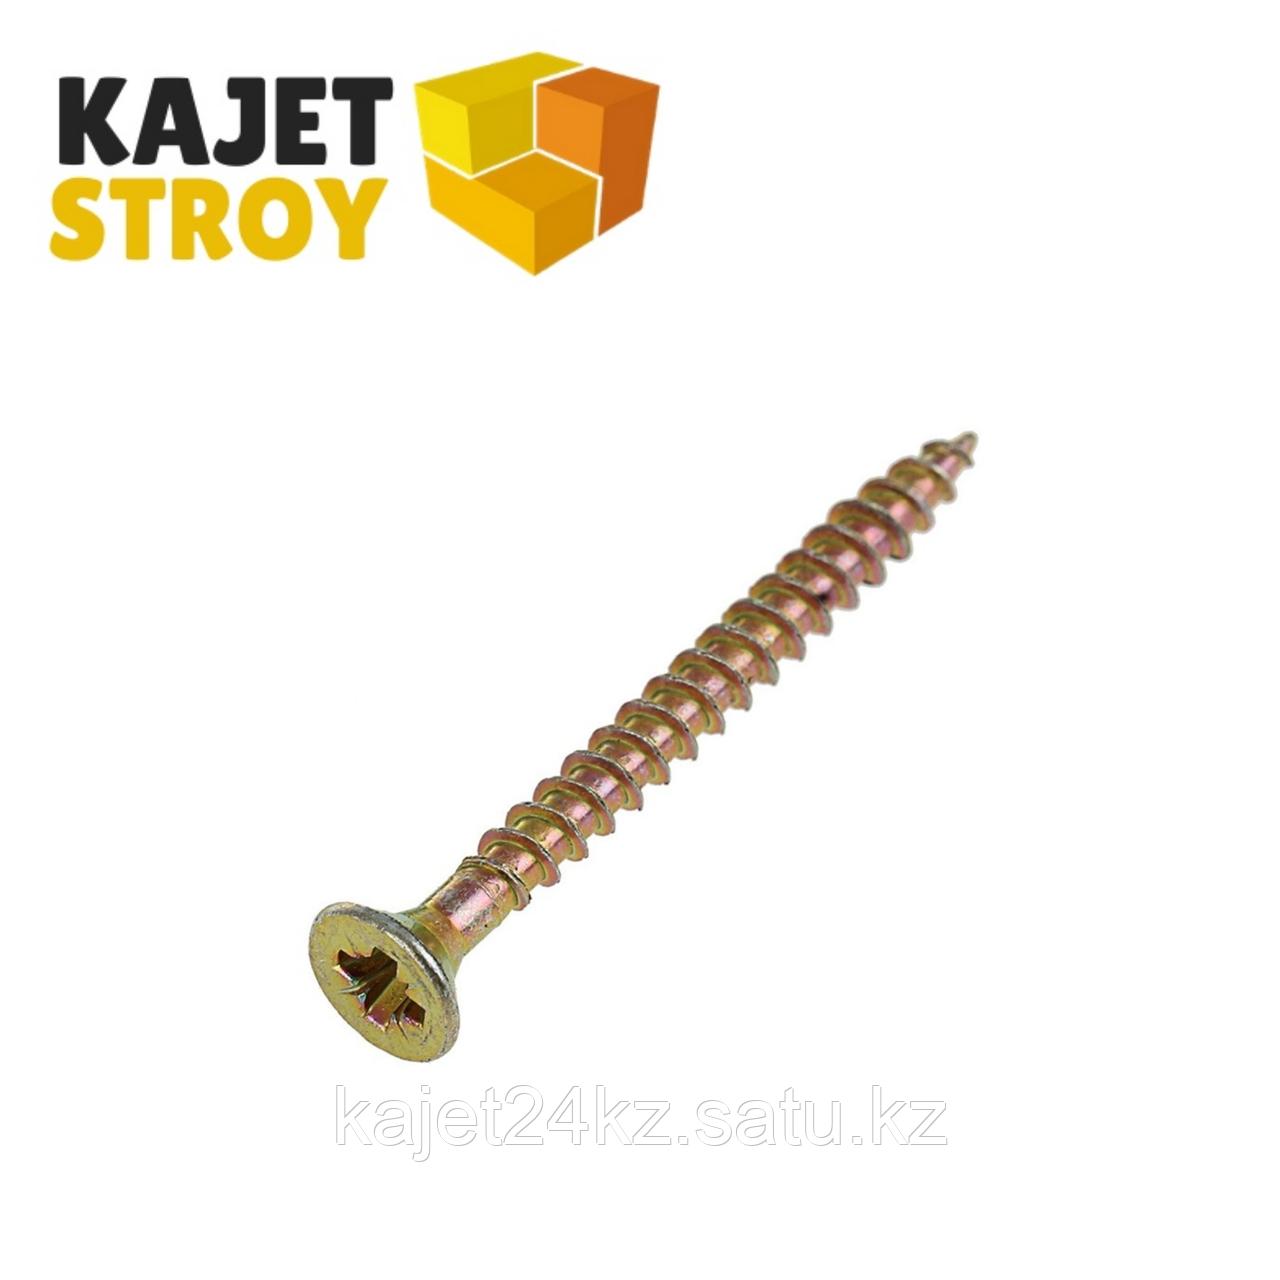 Шуруп универсальный, 5,0х60, желтопассированный (БК - 100шт.) // ЦК